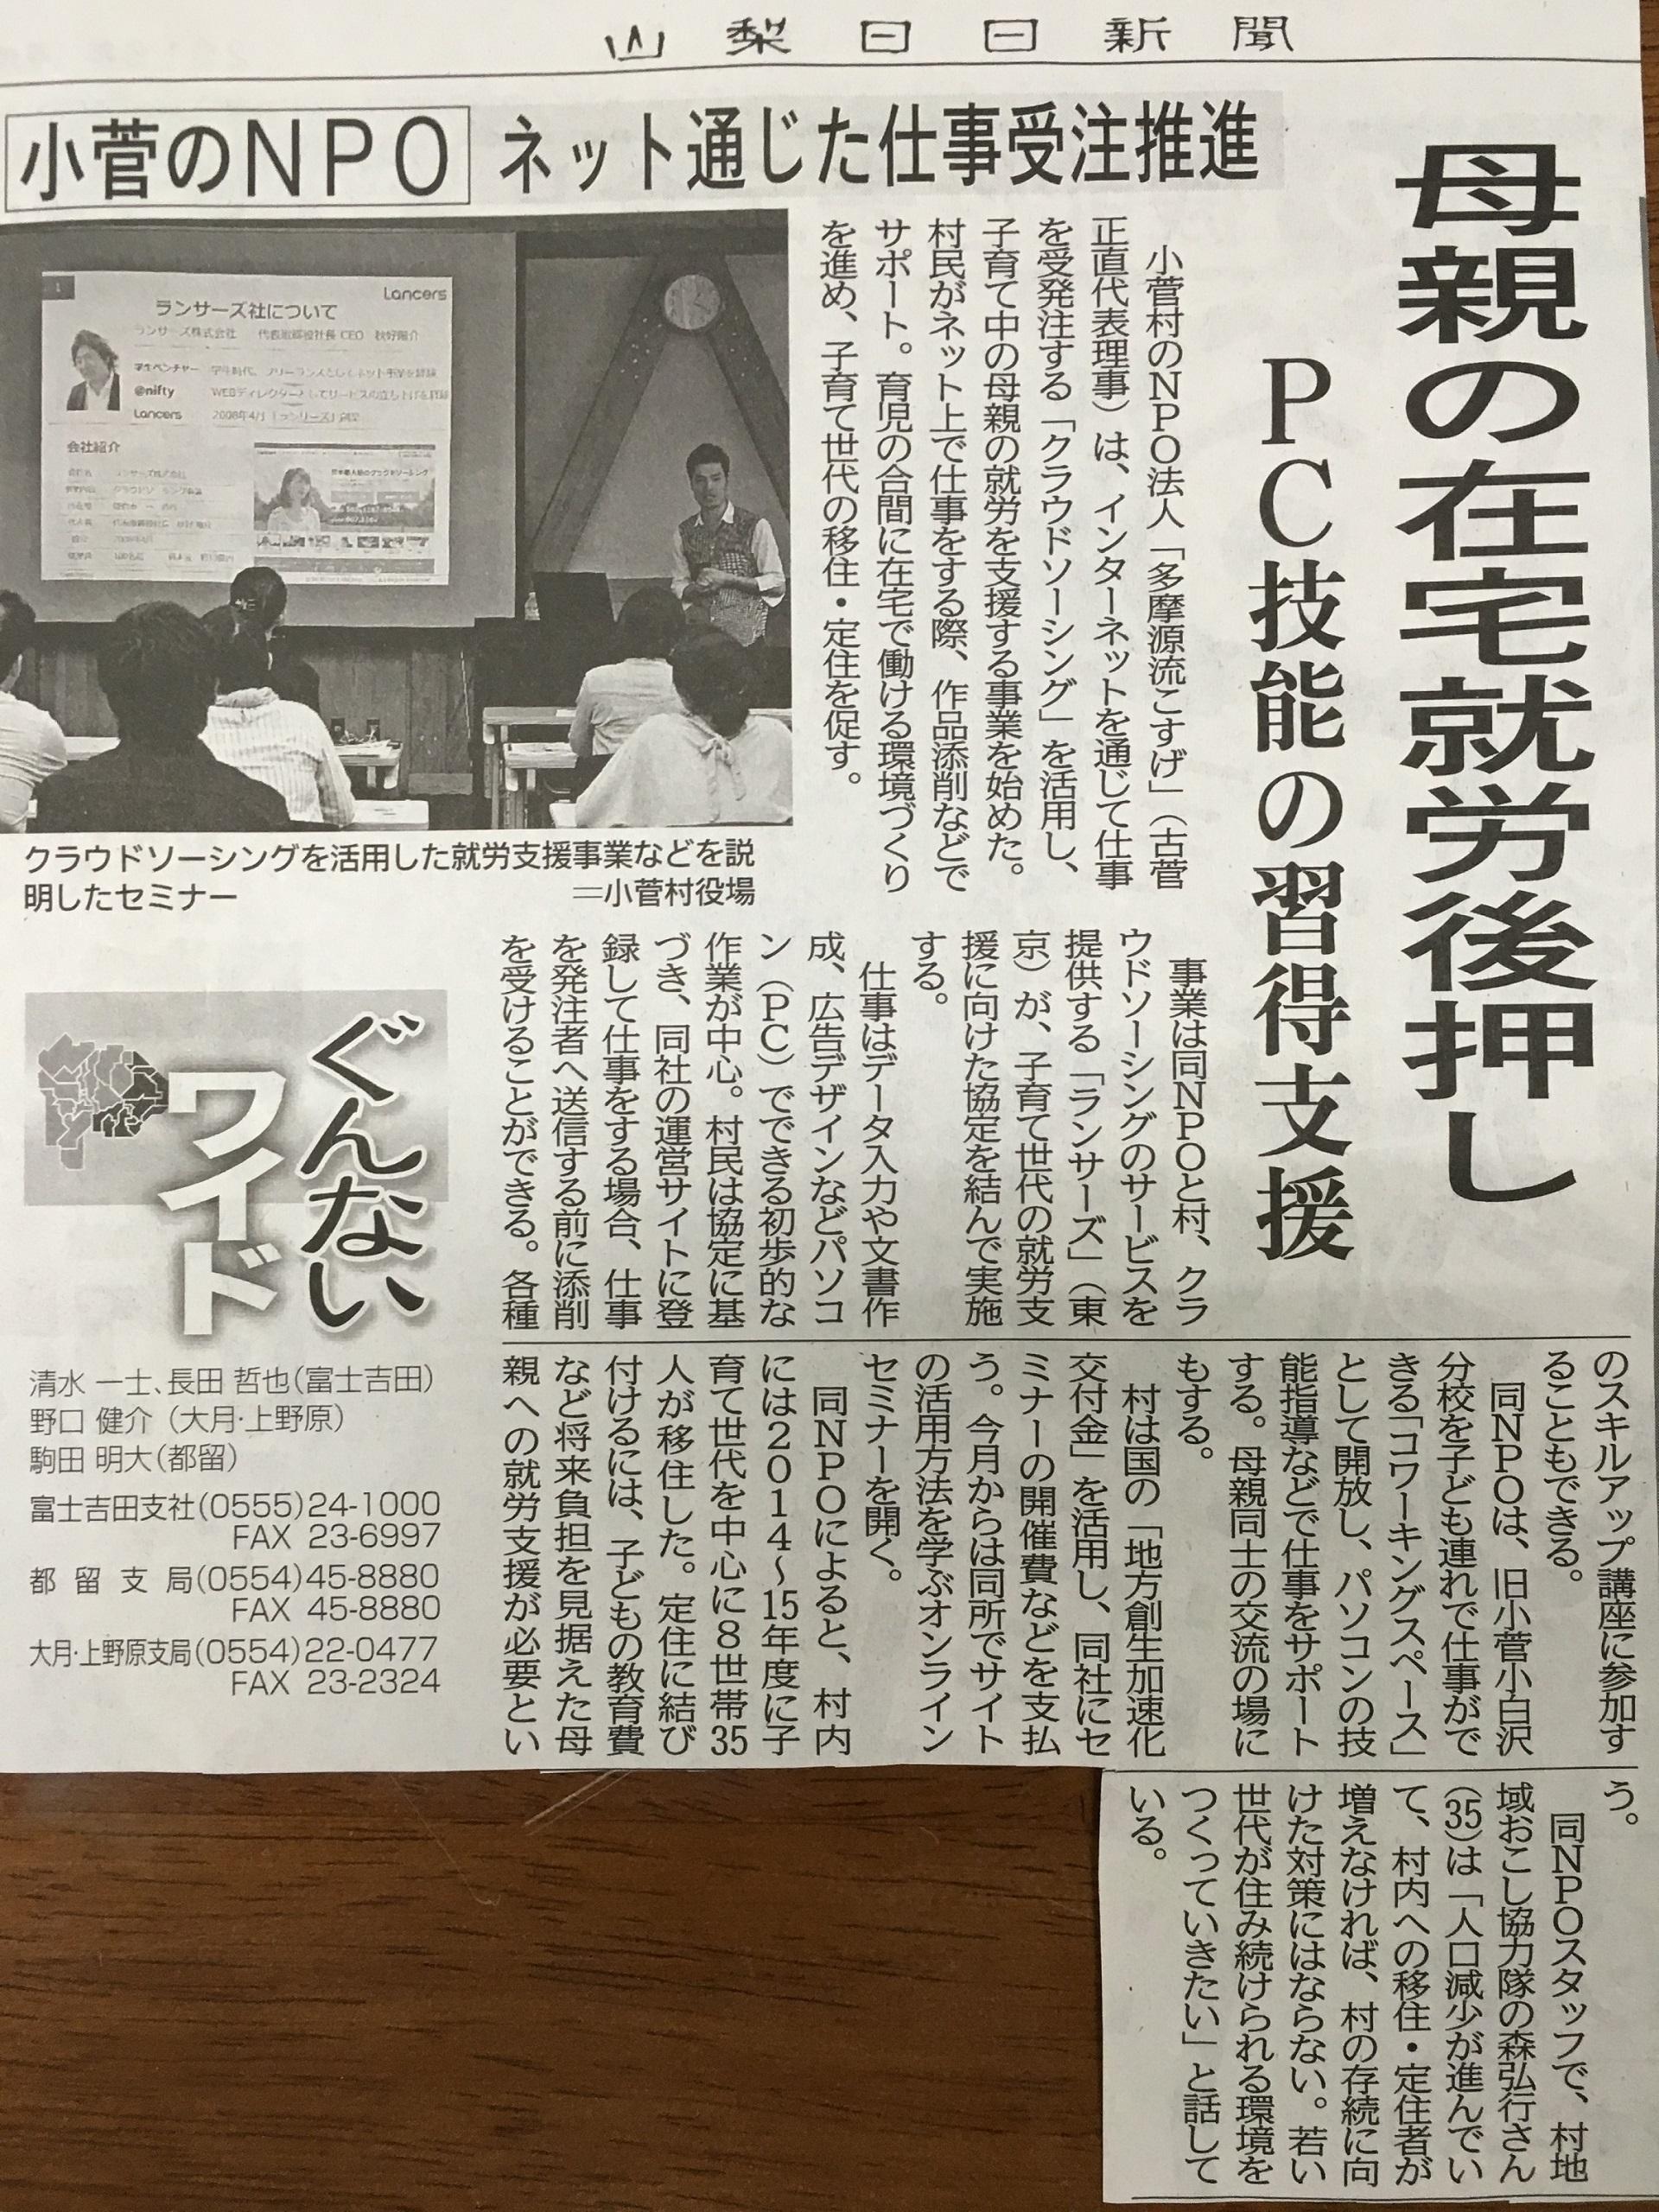 【山日新聞】母親の在宅就労後押し